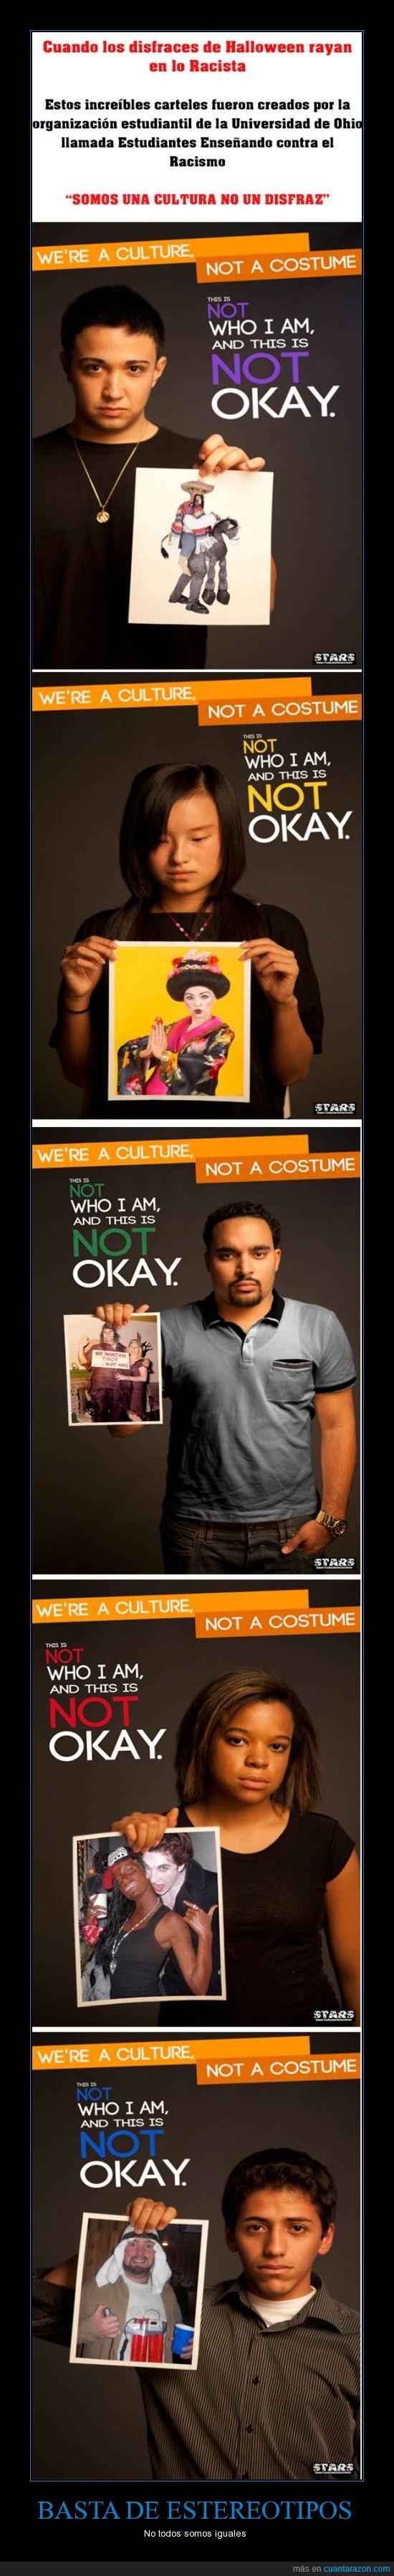 Disfraces,estereotipos,indio,mexicano,racismo,terrorista